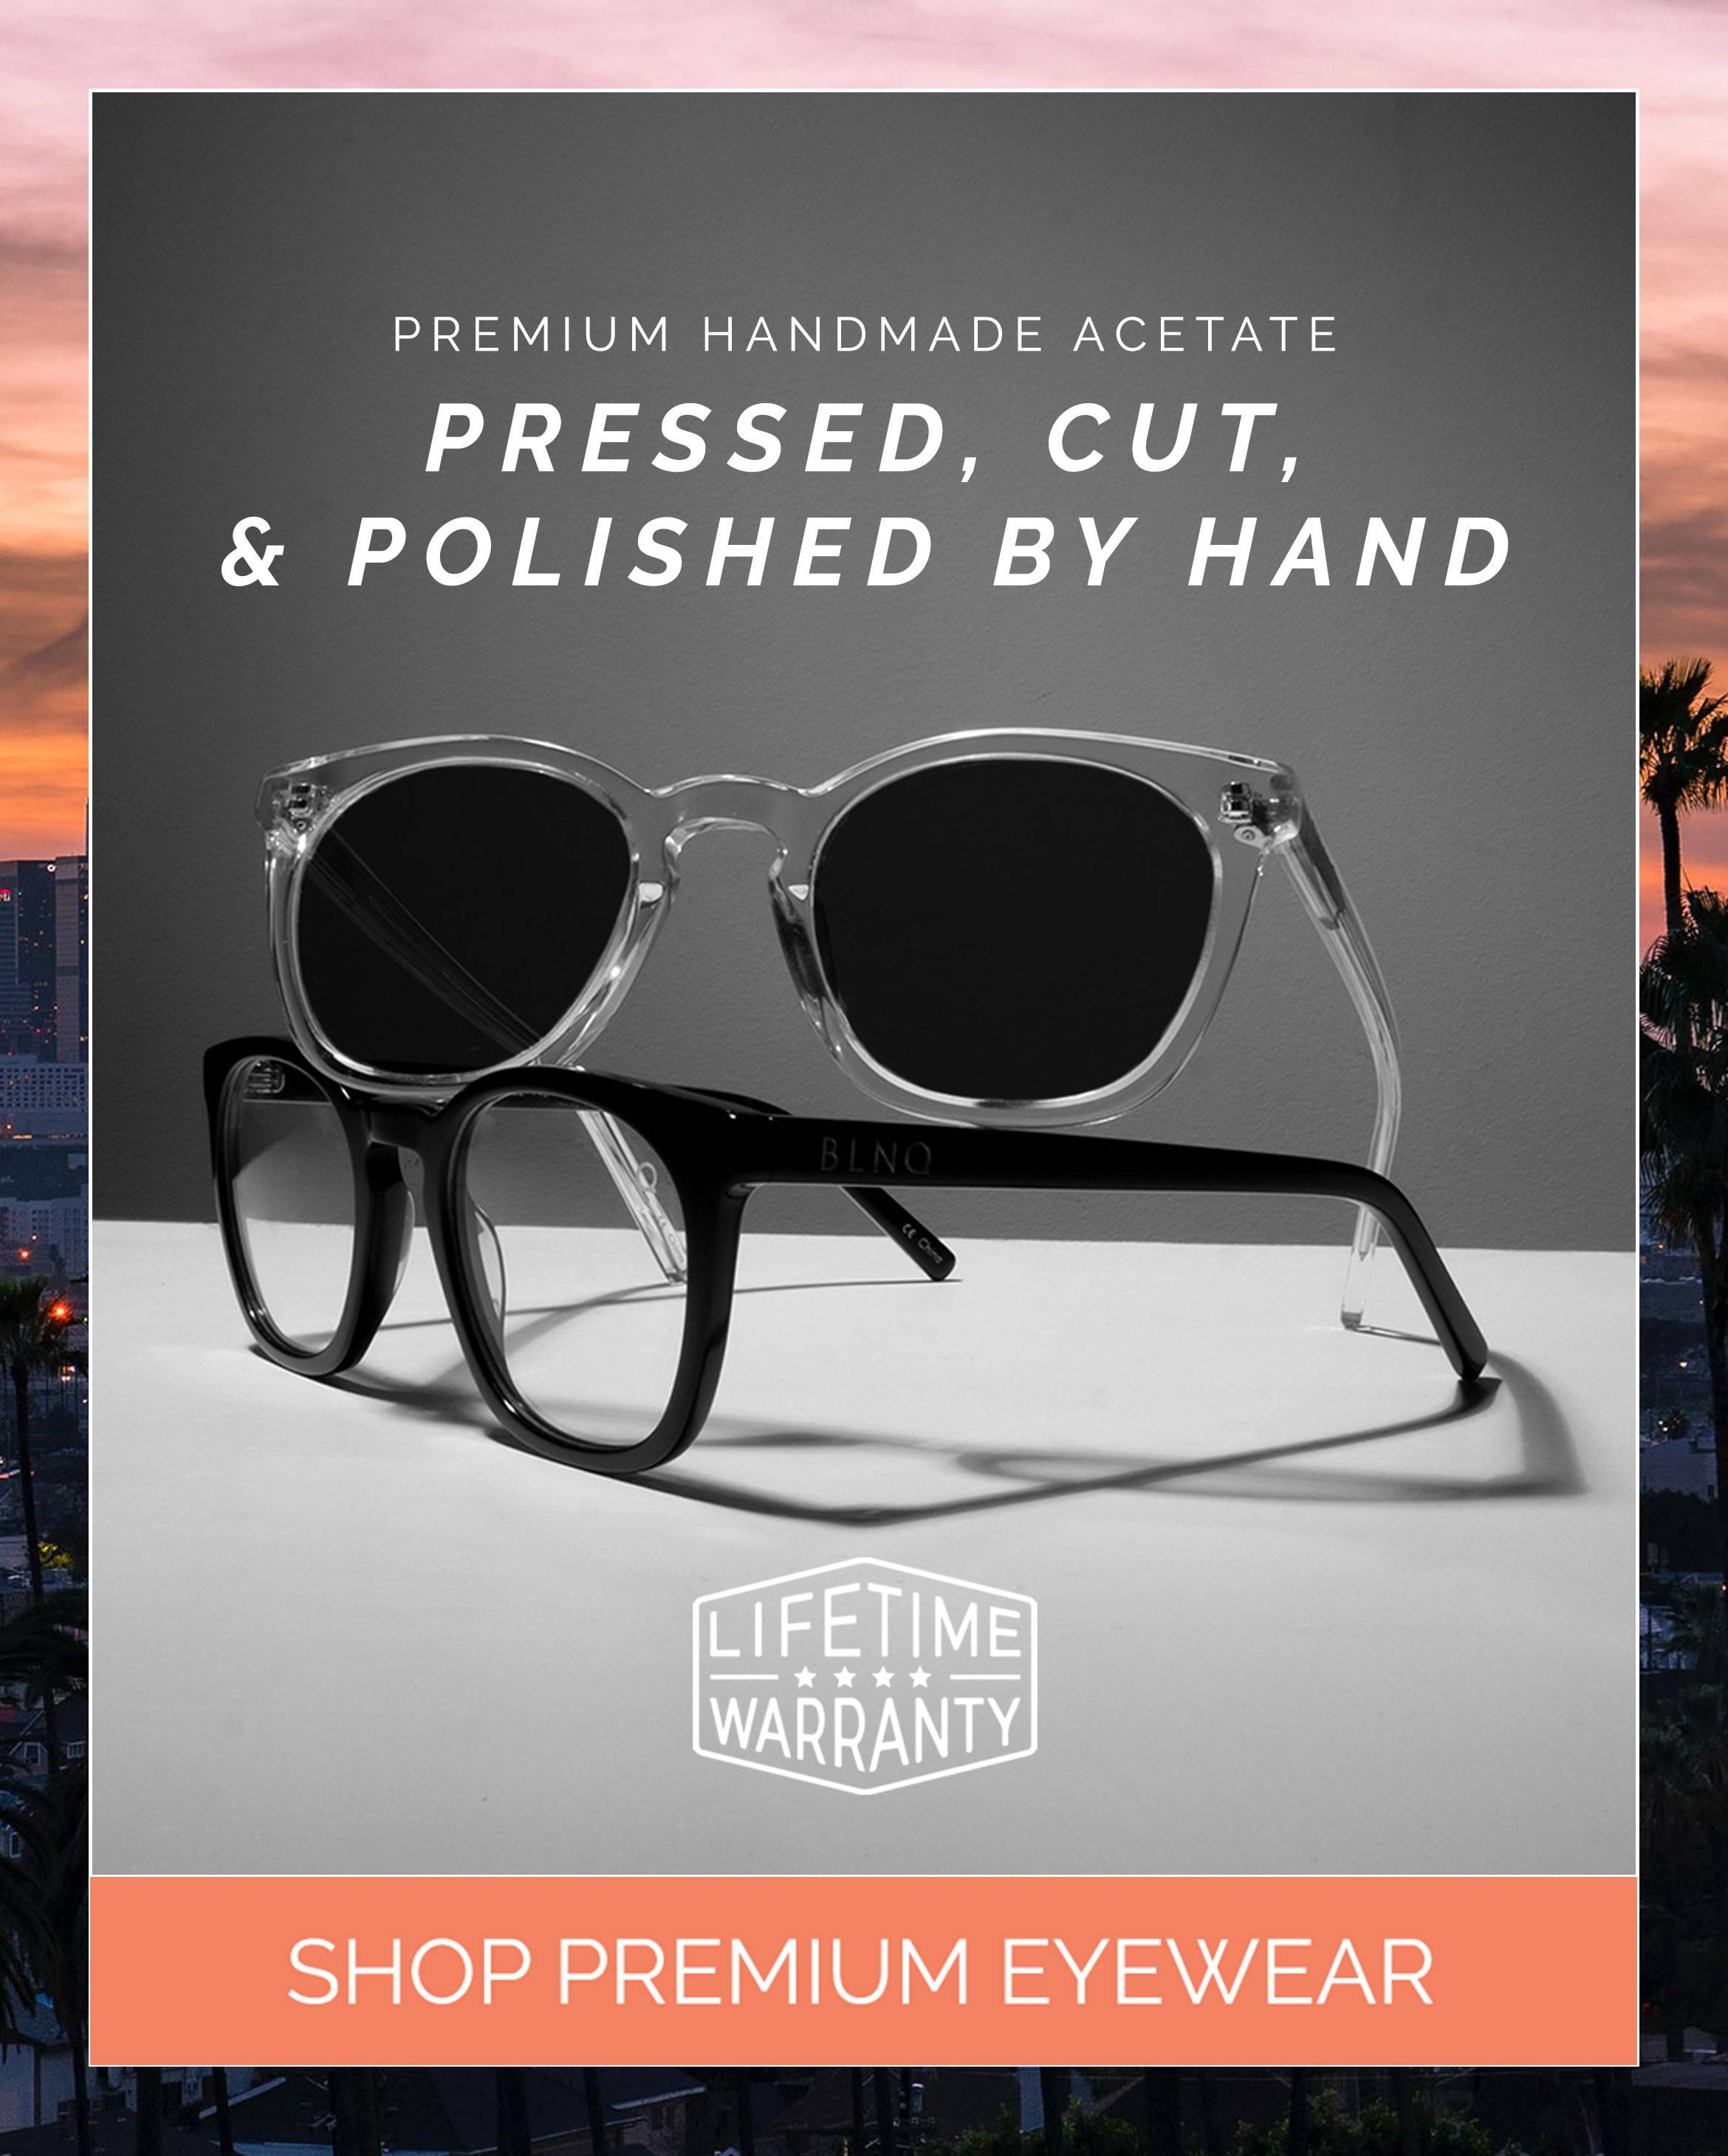 Shop Premium Eyewear